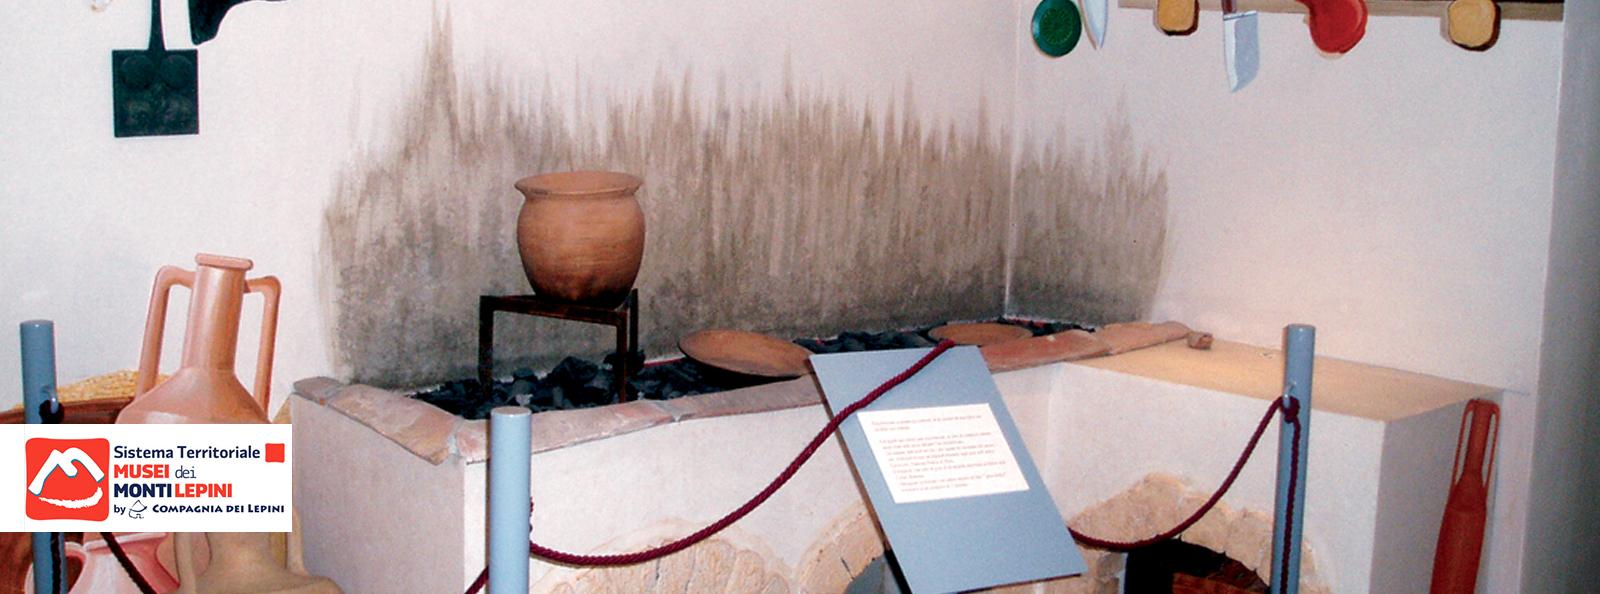 museoarcheolgicovirtuale-ok